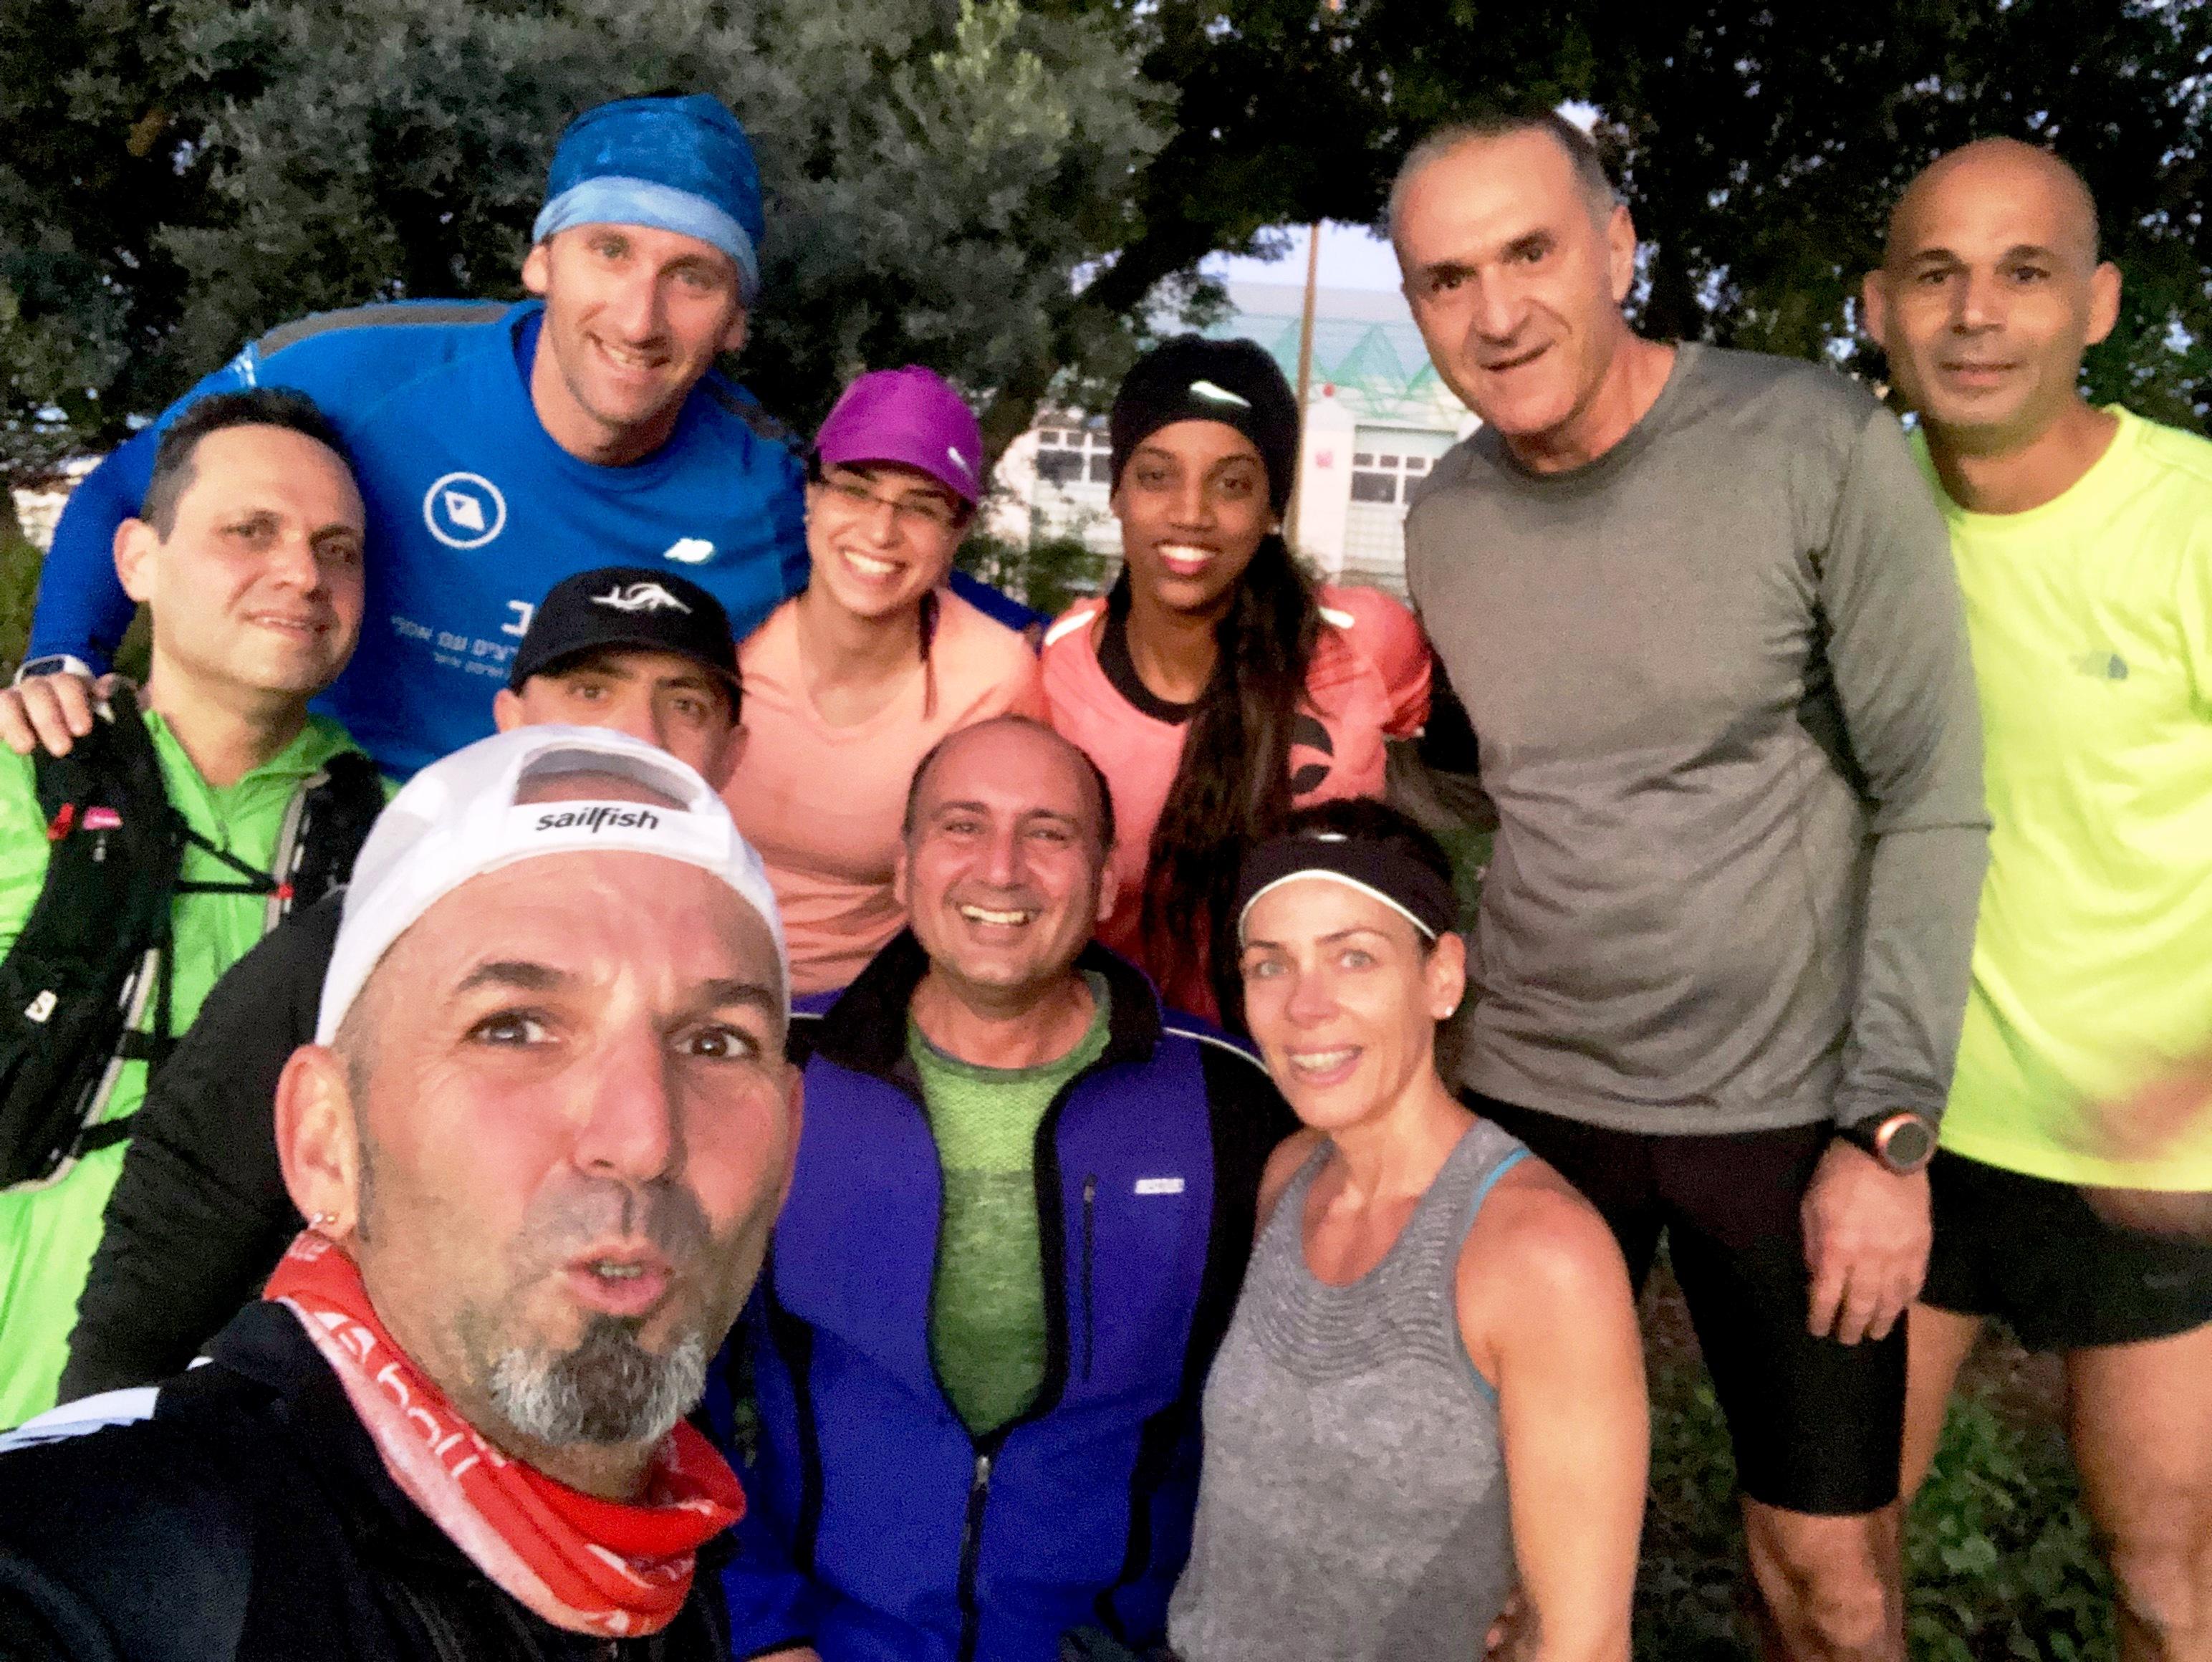 קבוצת ריצה בכפר סבא